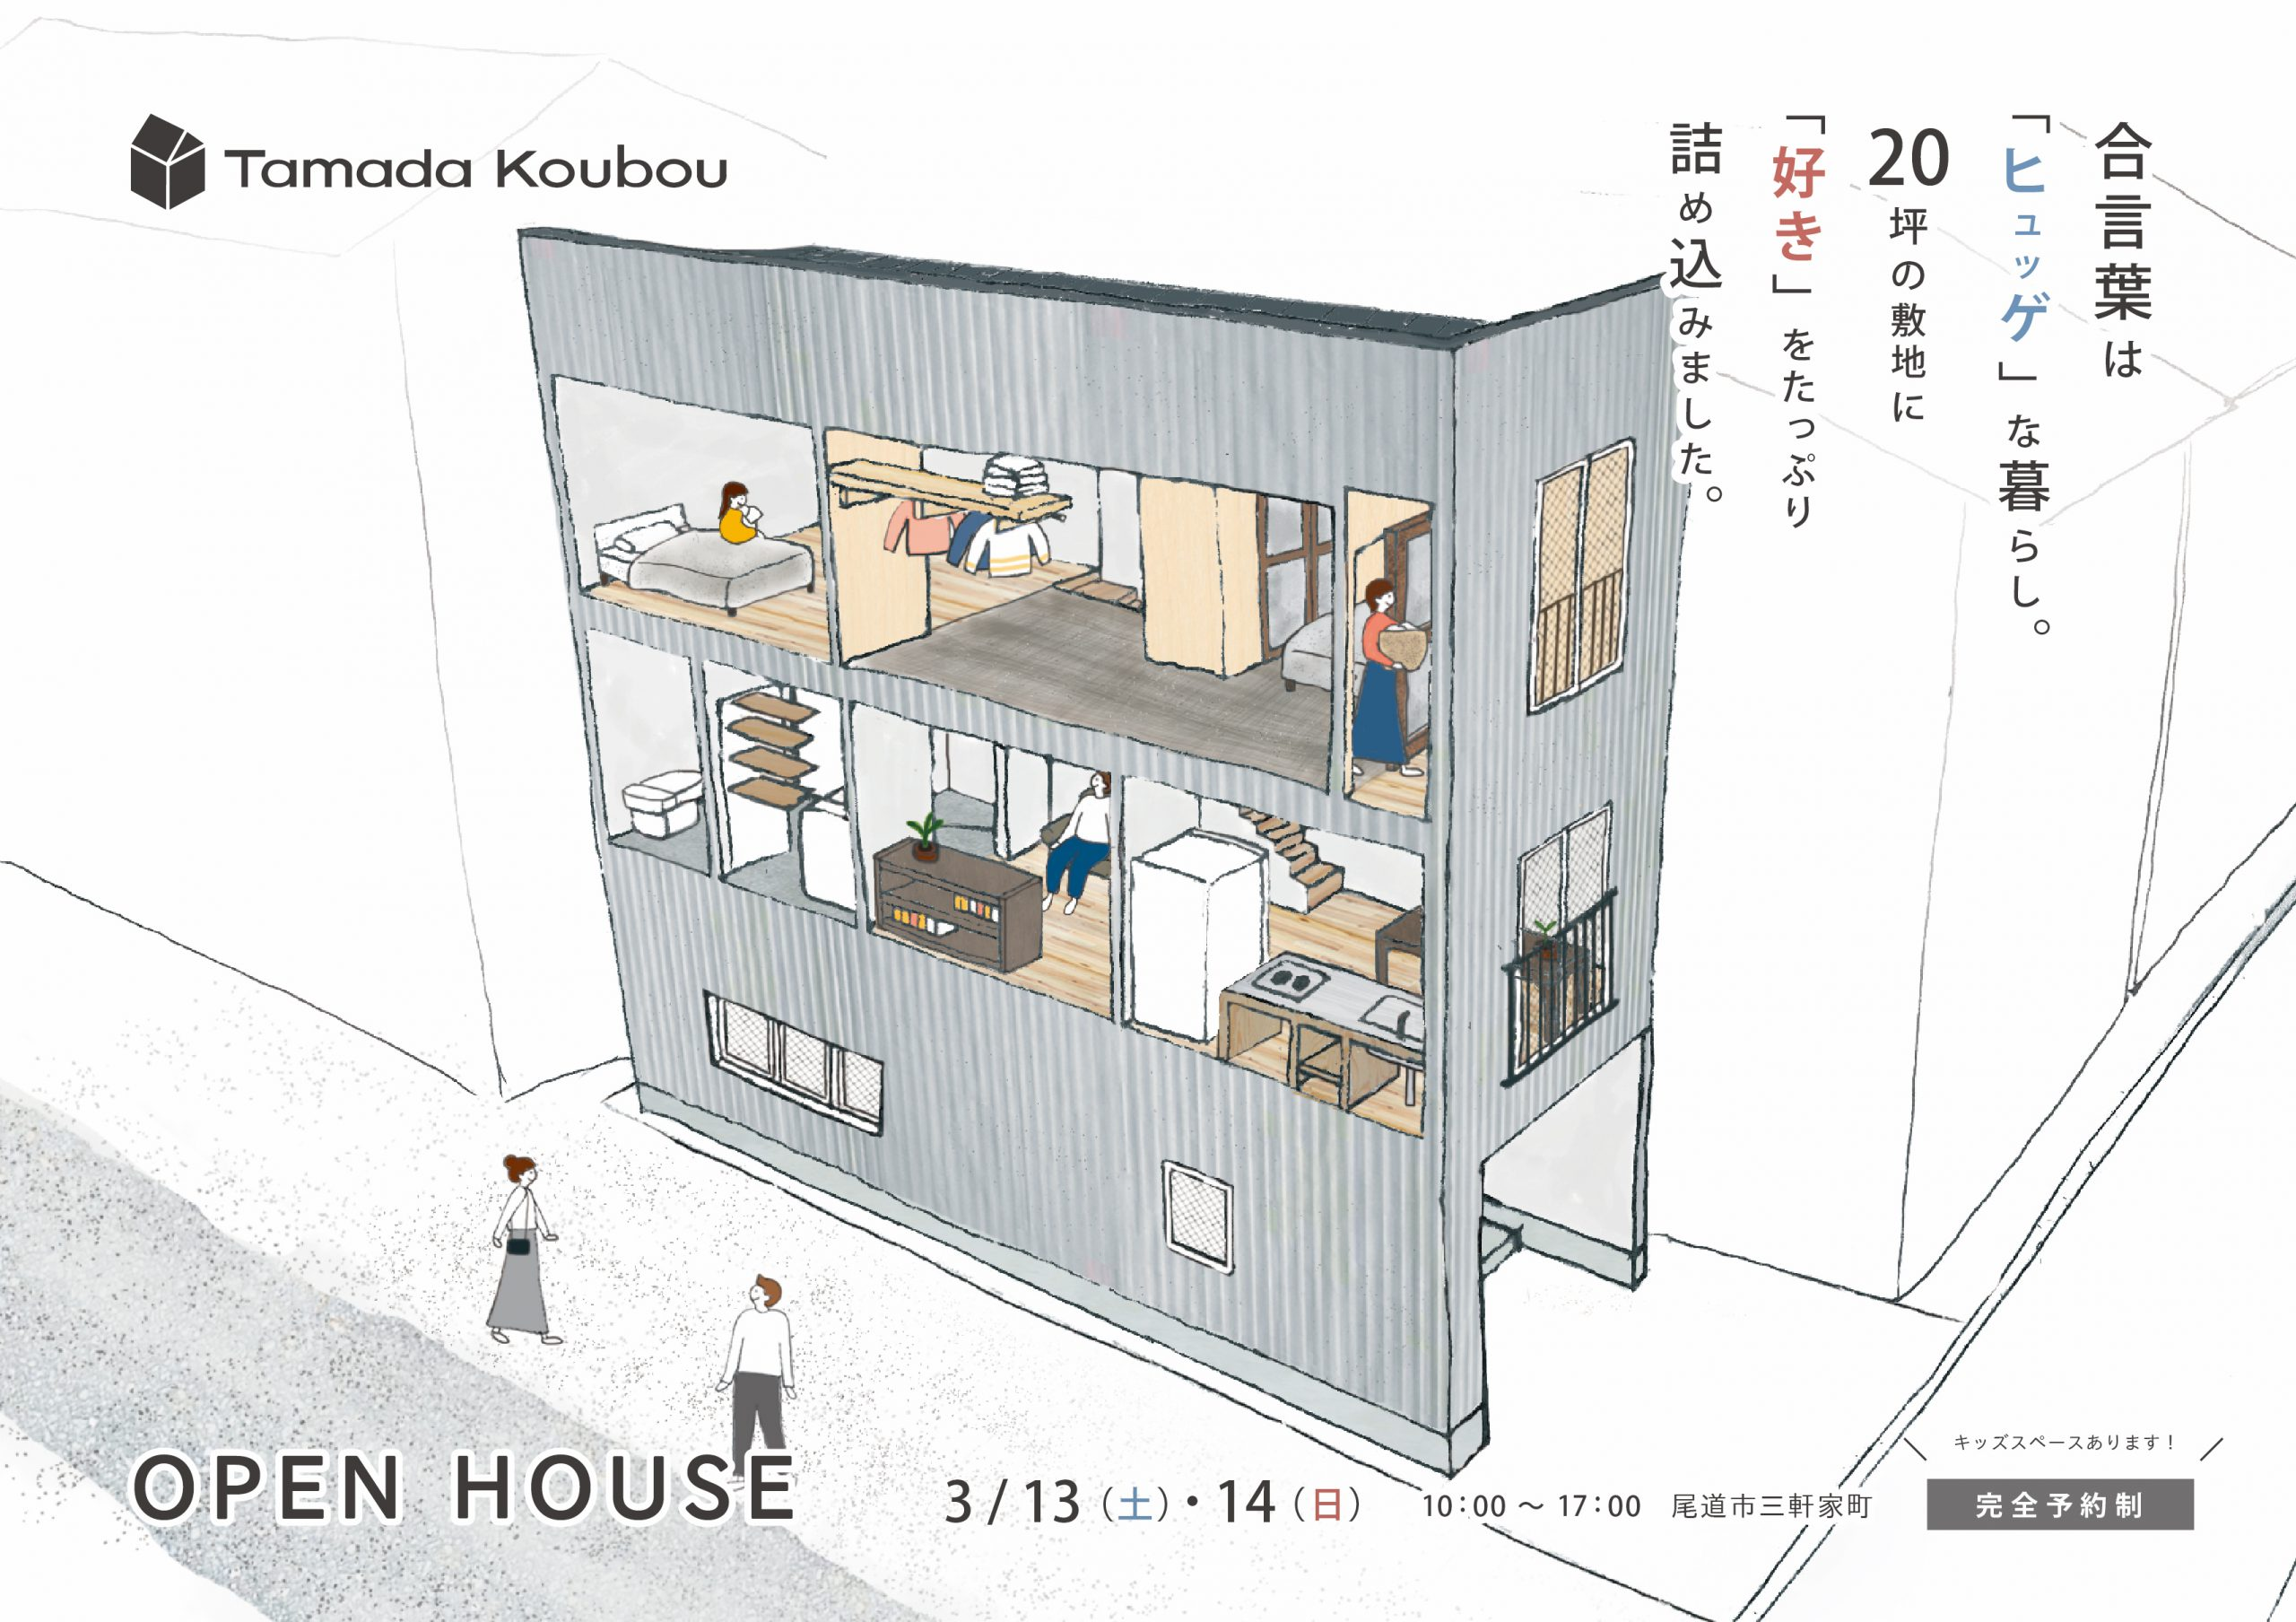 3/13(土),14(日) 新築完成見学会